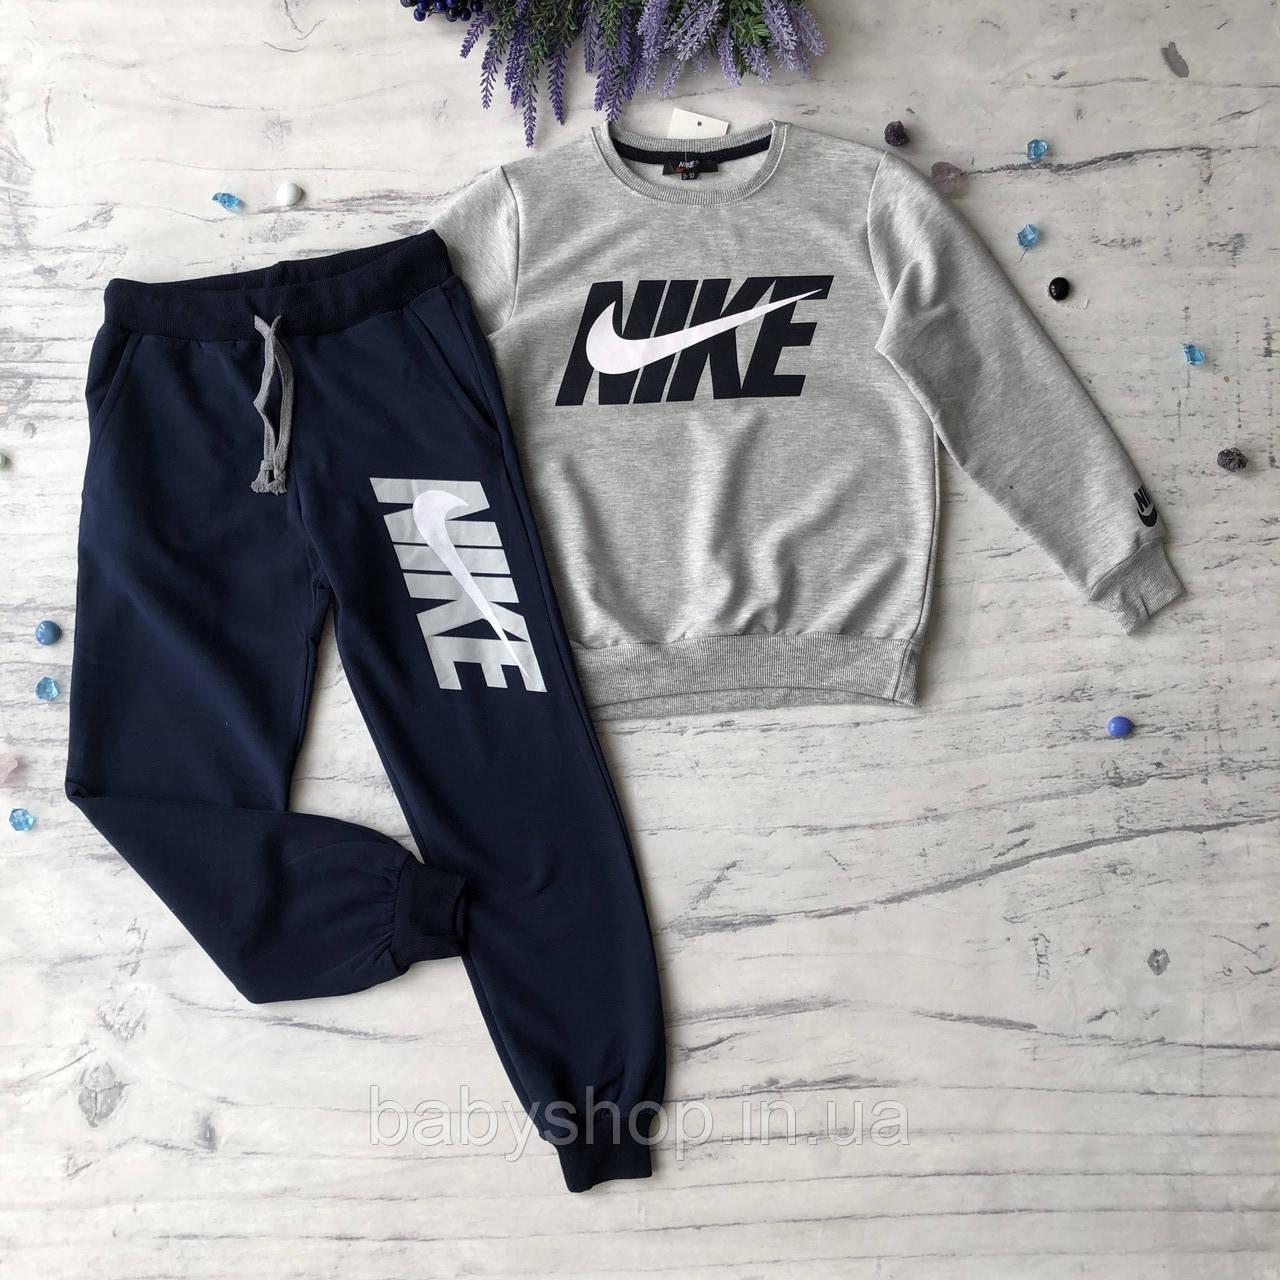 Спортивный костюм на мальчика в стиле Nike 260. Размер 9 лет,  11 лет, 14 лет, 16 лет